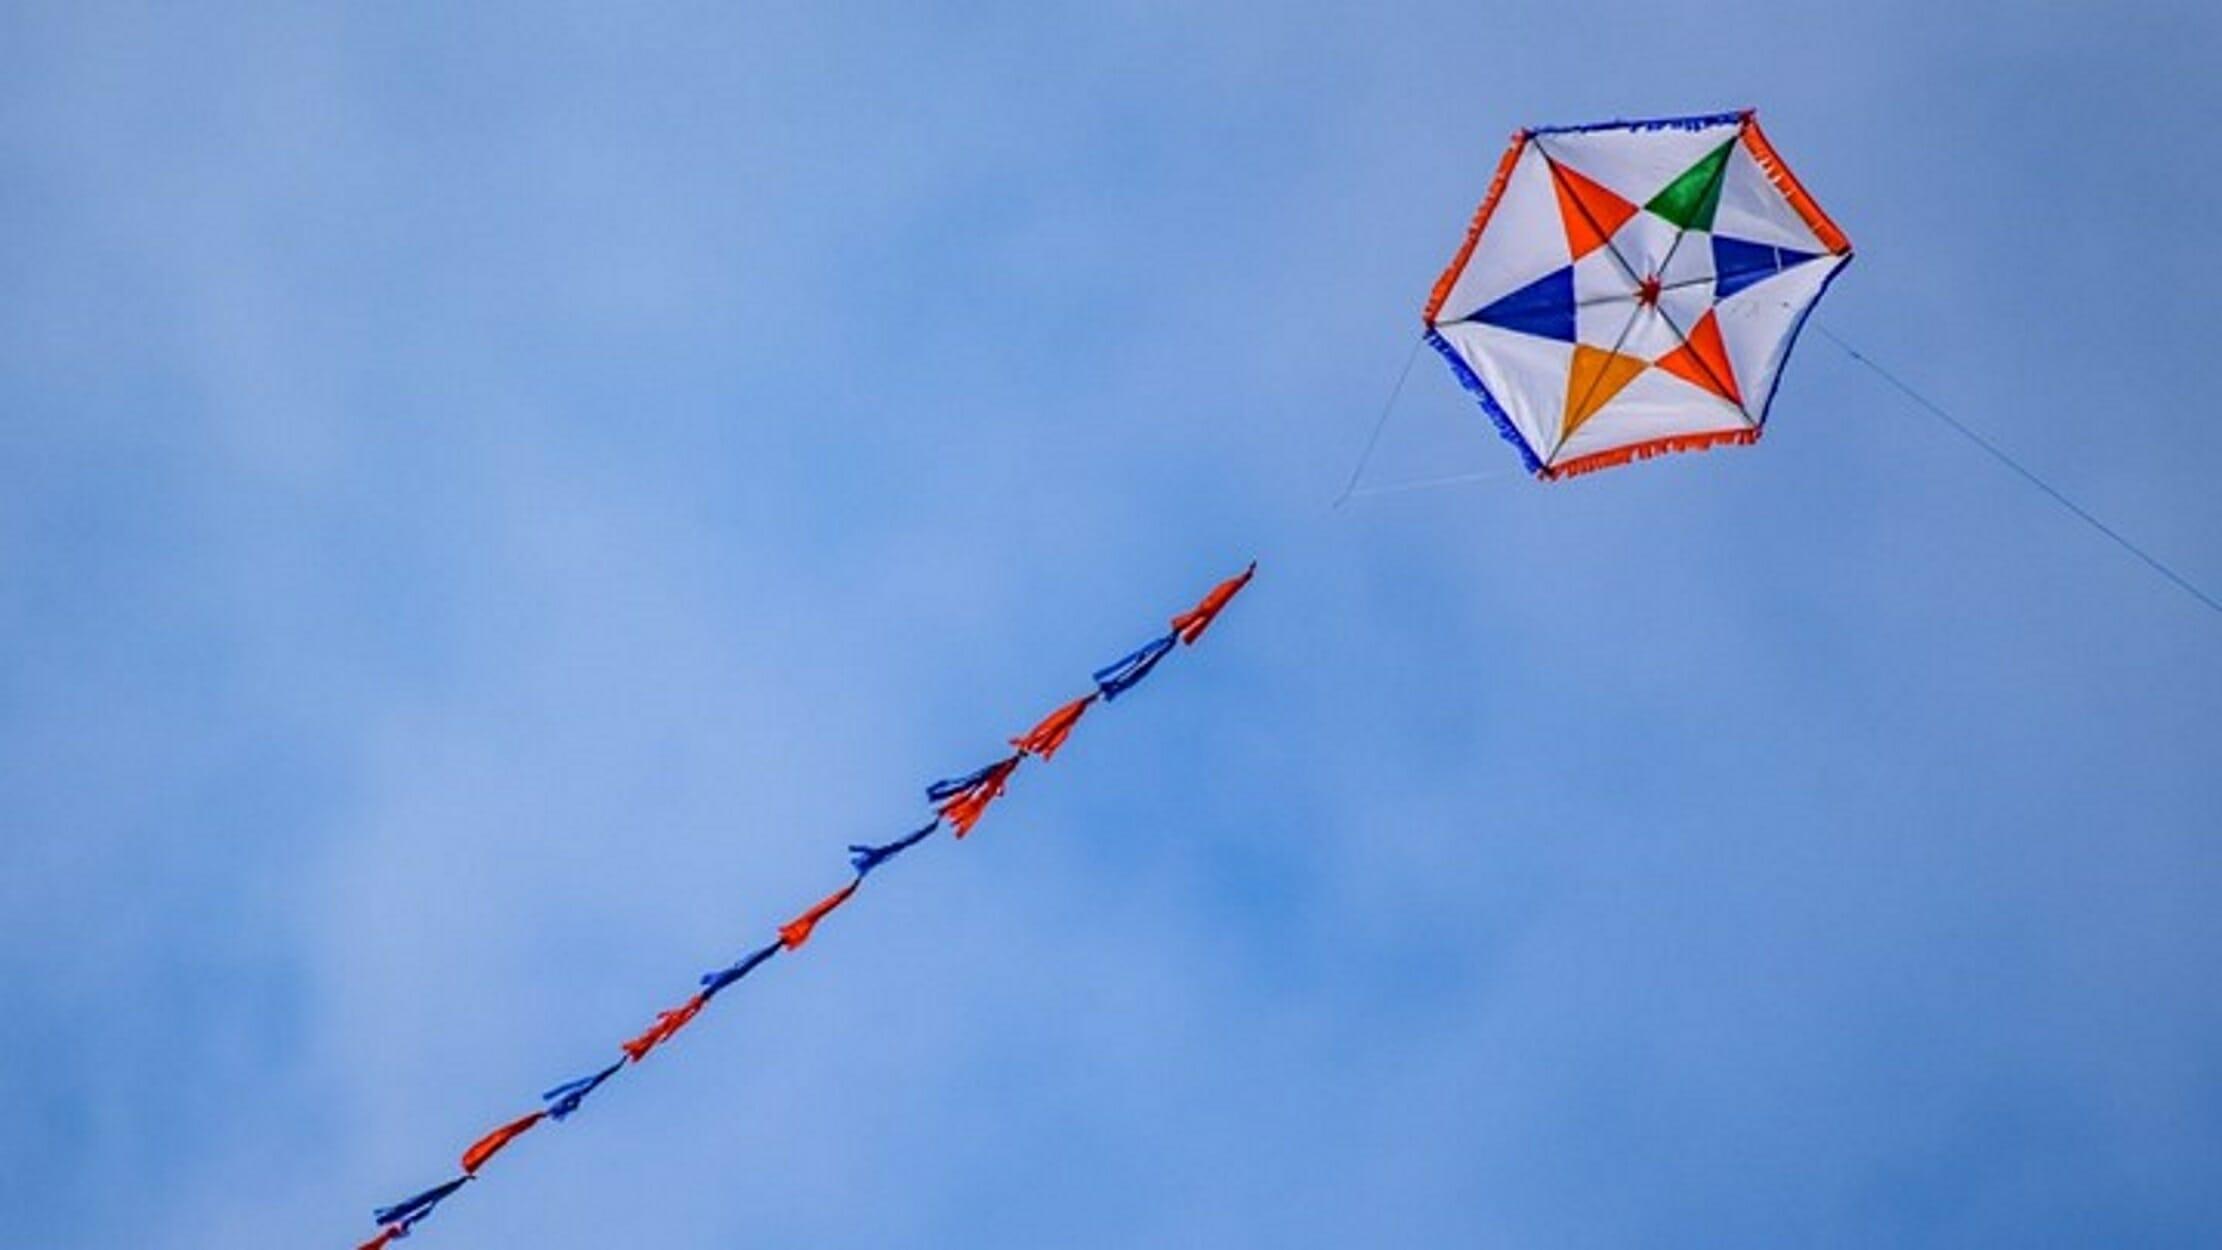 Καθαρά Δευτέρα: Φτερούγισαν ψηλά οι χαρταετοί στα Τρίκαλα